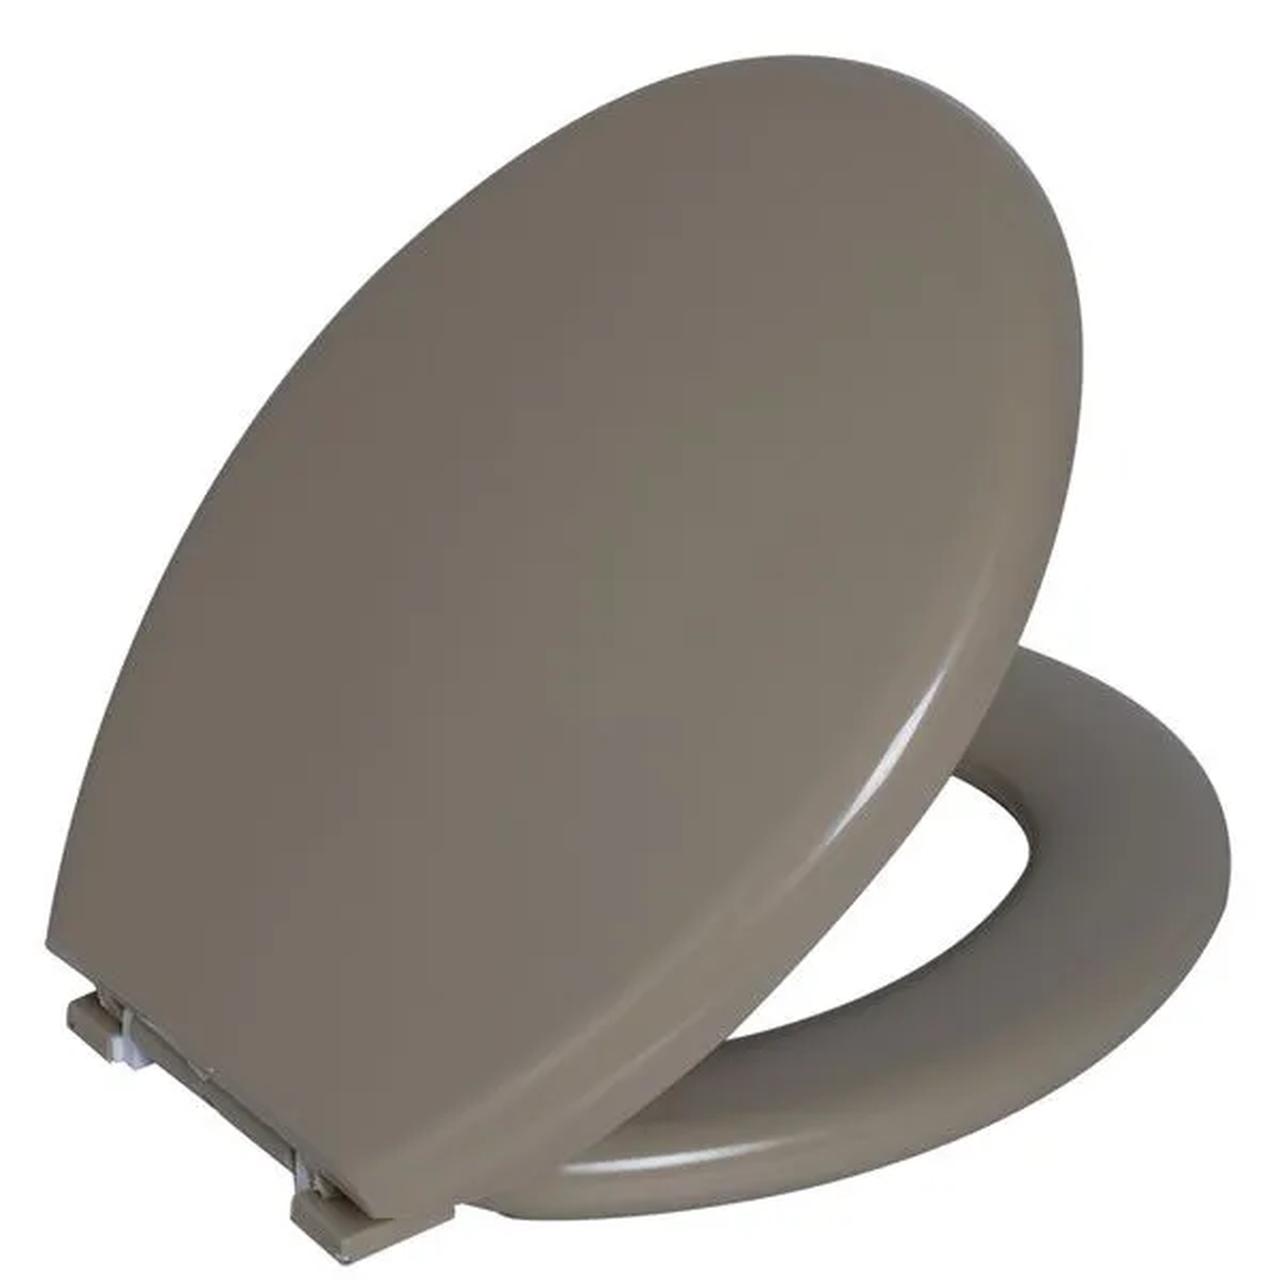 Assento Sanitario Astra Oval Almofadado TPK/AS - Bege 2 (BG2)